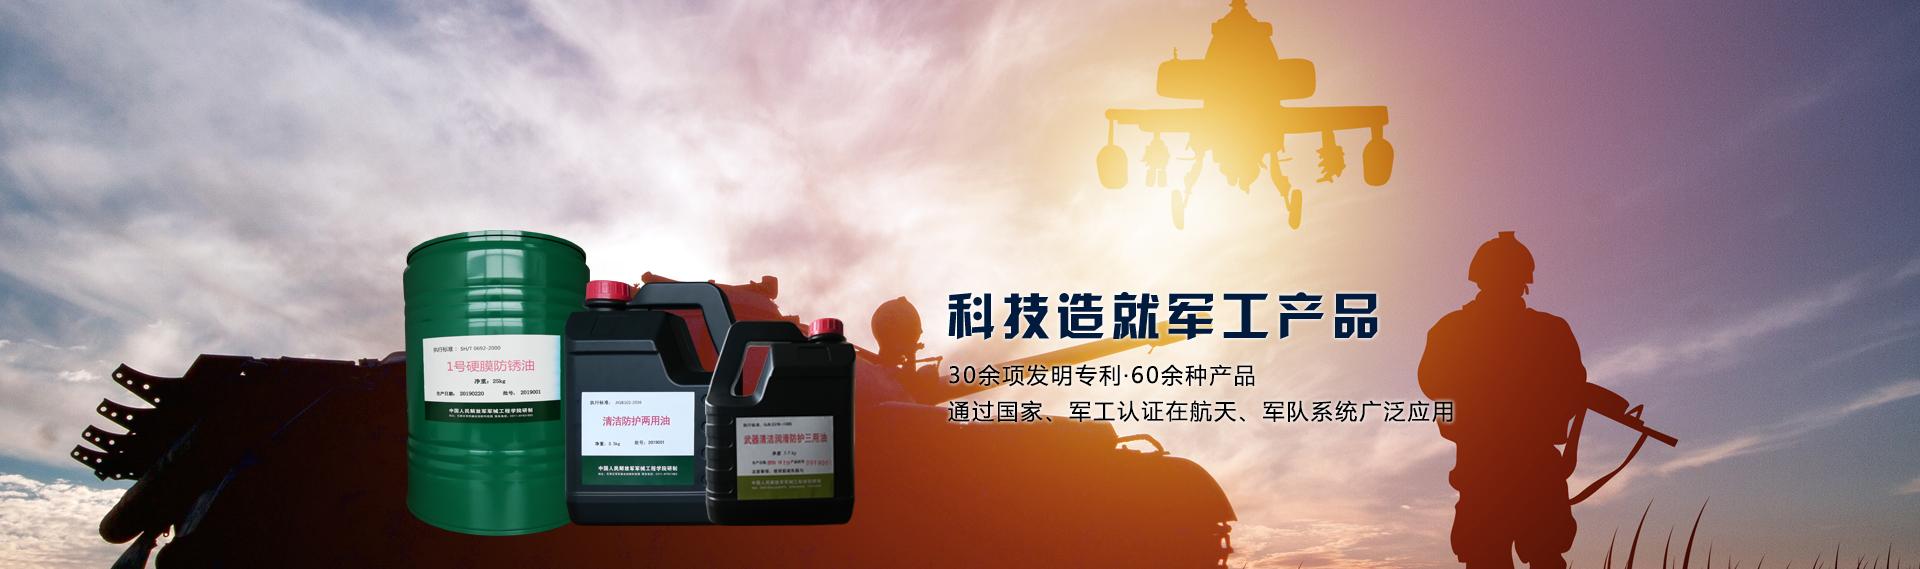 夜瞄荧光剂夜瞄荧光剂,武器清洁润滑防护三用油,黑色磷化剂,三用油,防护油